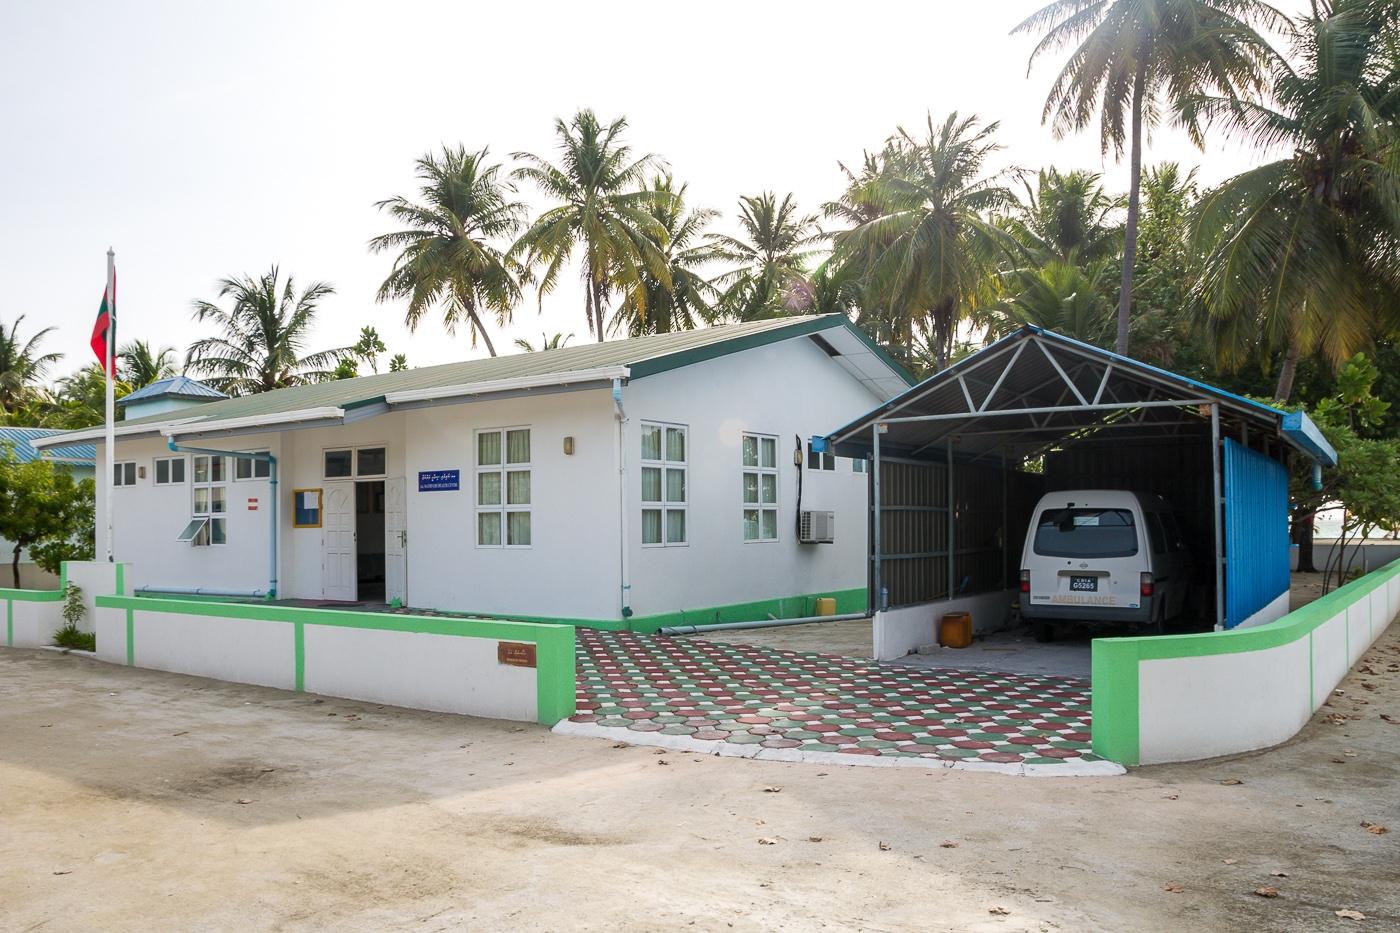 El único coche de la isla, la ambulancia del centro de salud de Mathiveri